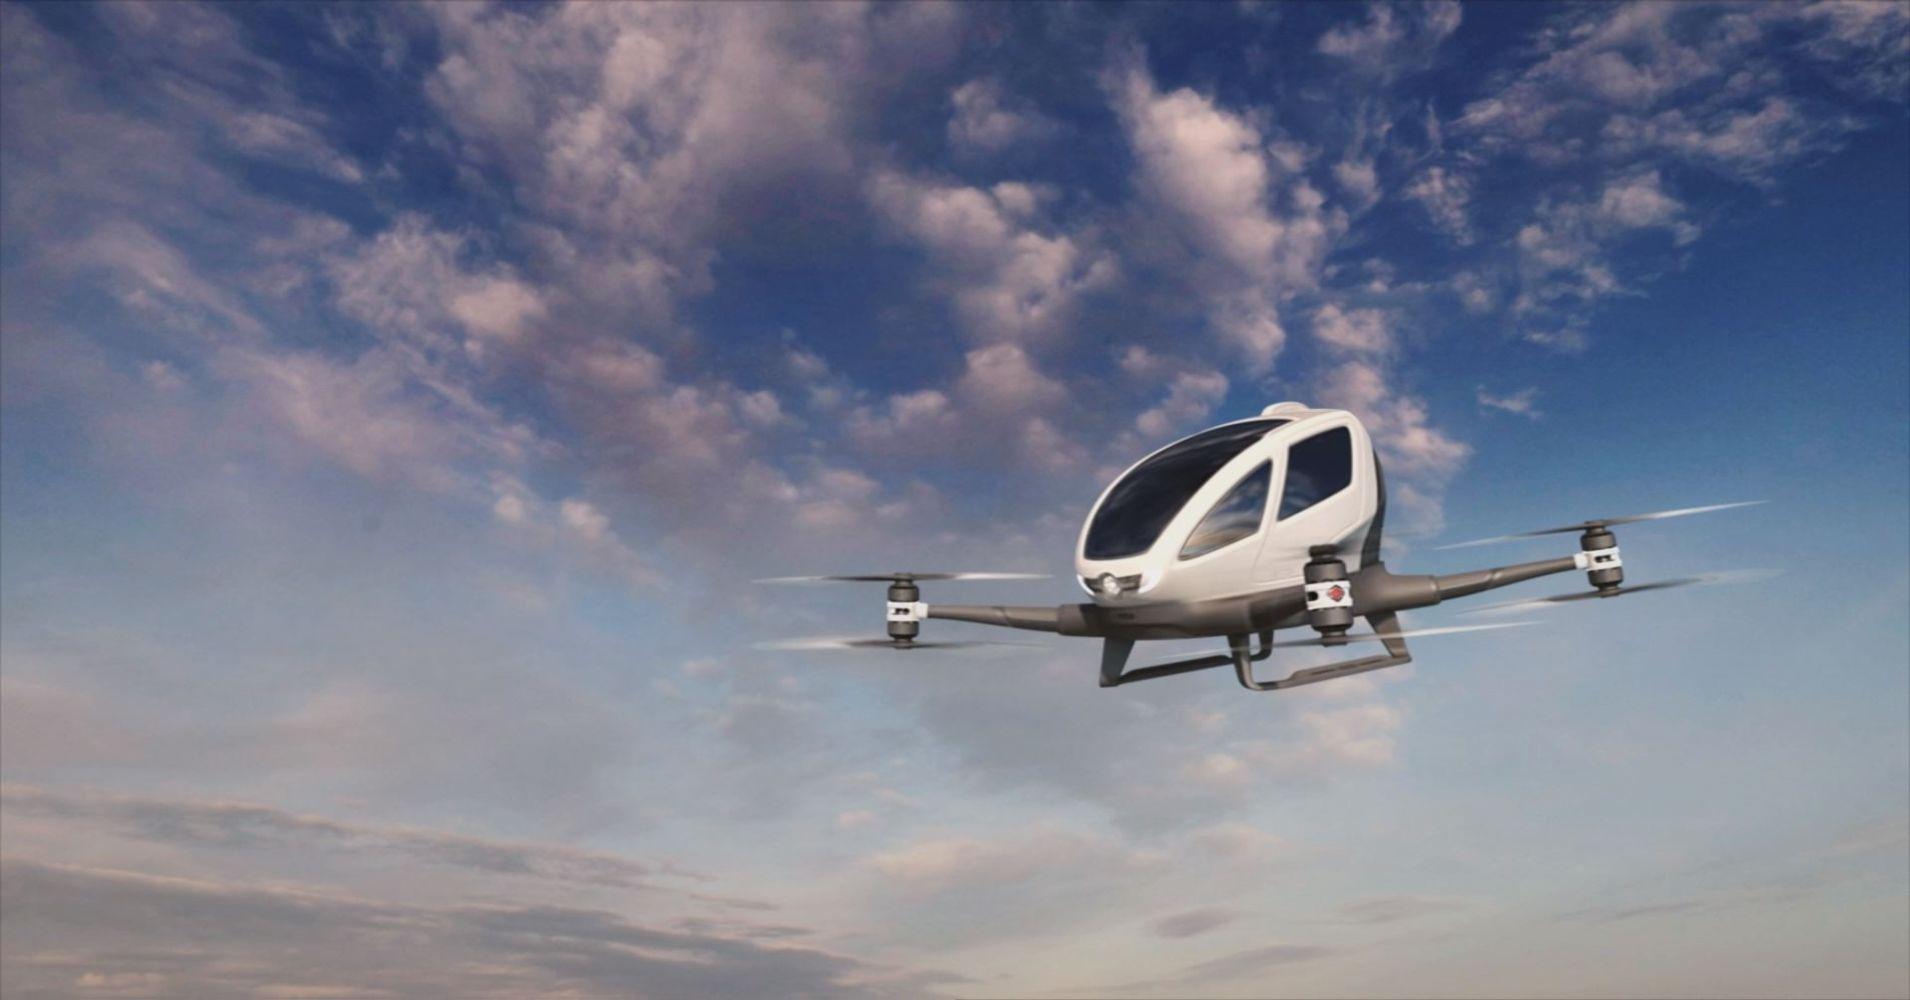 Ιπτάμενα ταξί: Έρχονται τα ιπτάμενα ταξί για τις μετακινήσεις του μέλλοντος